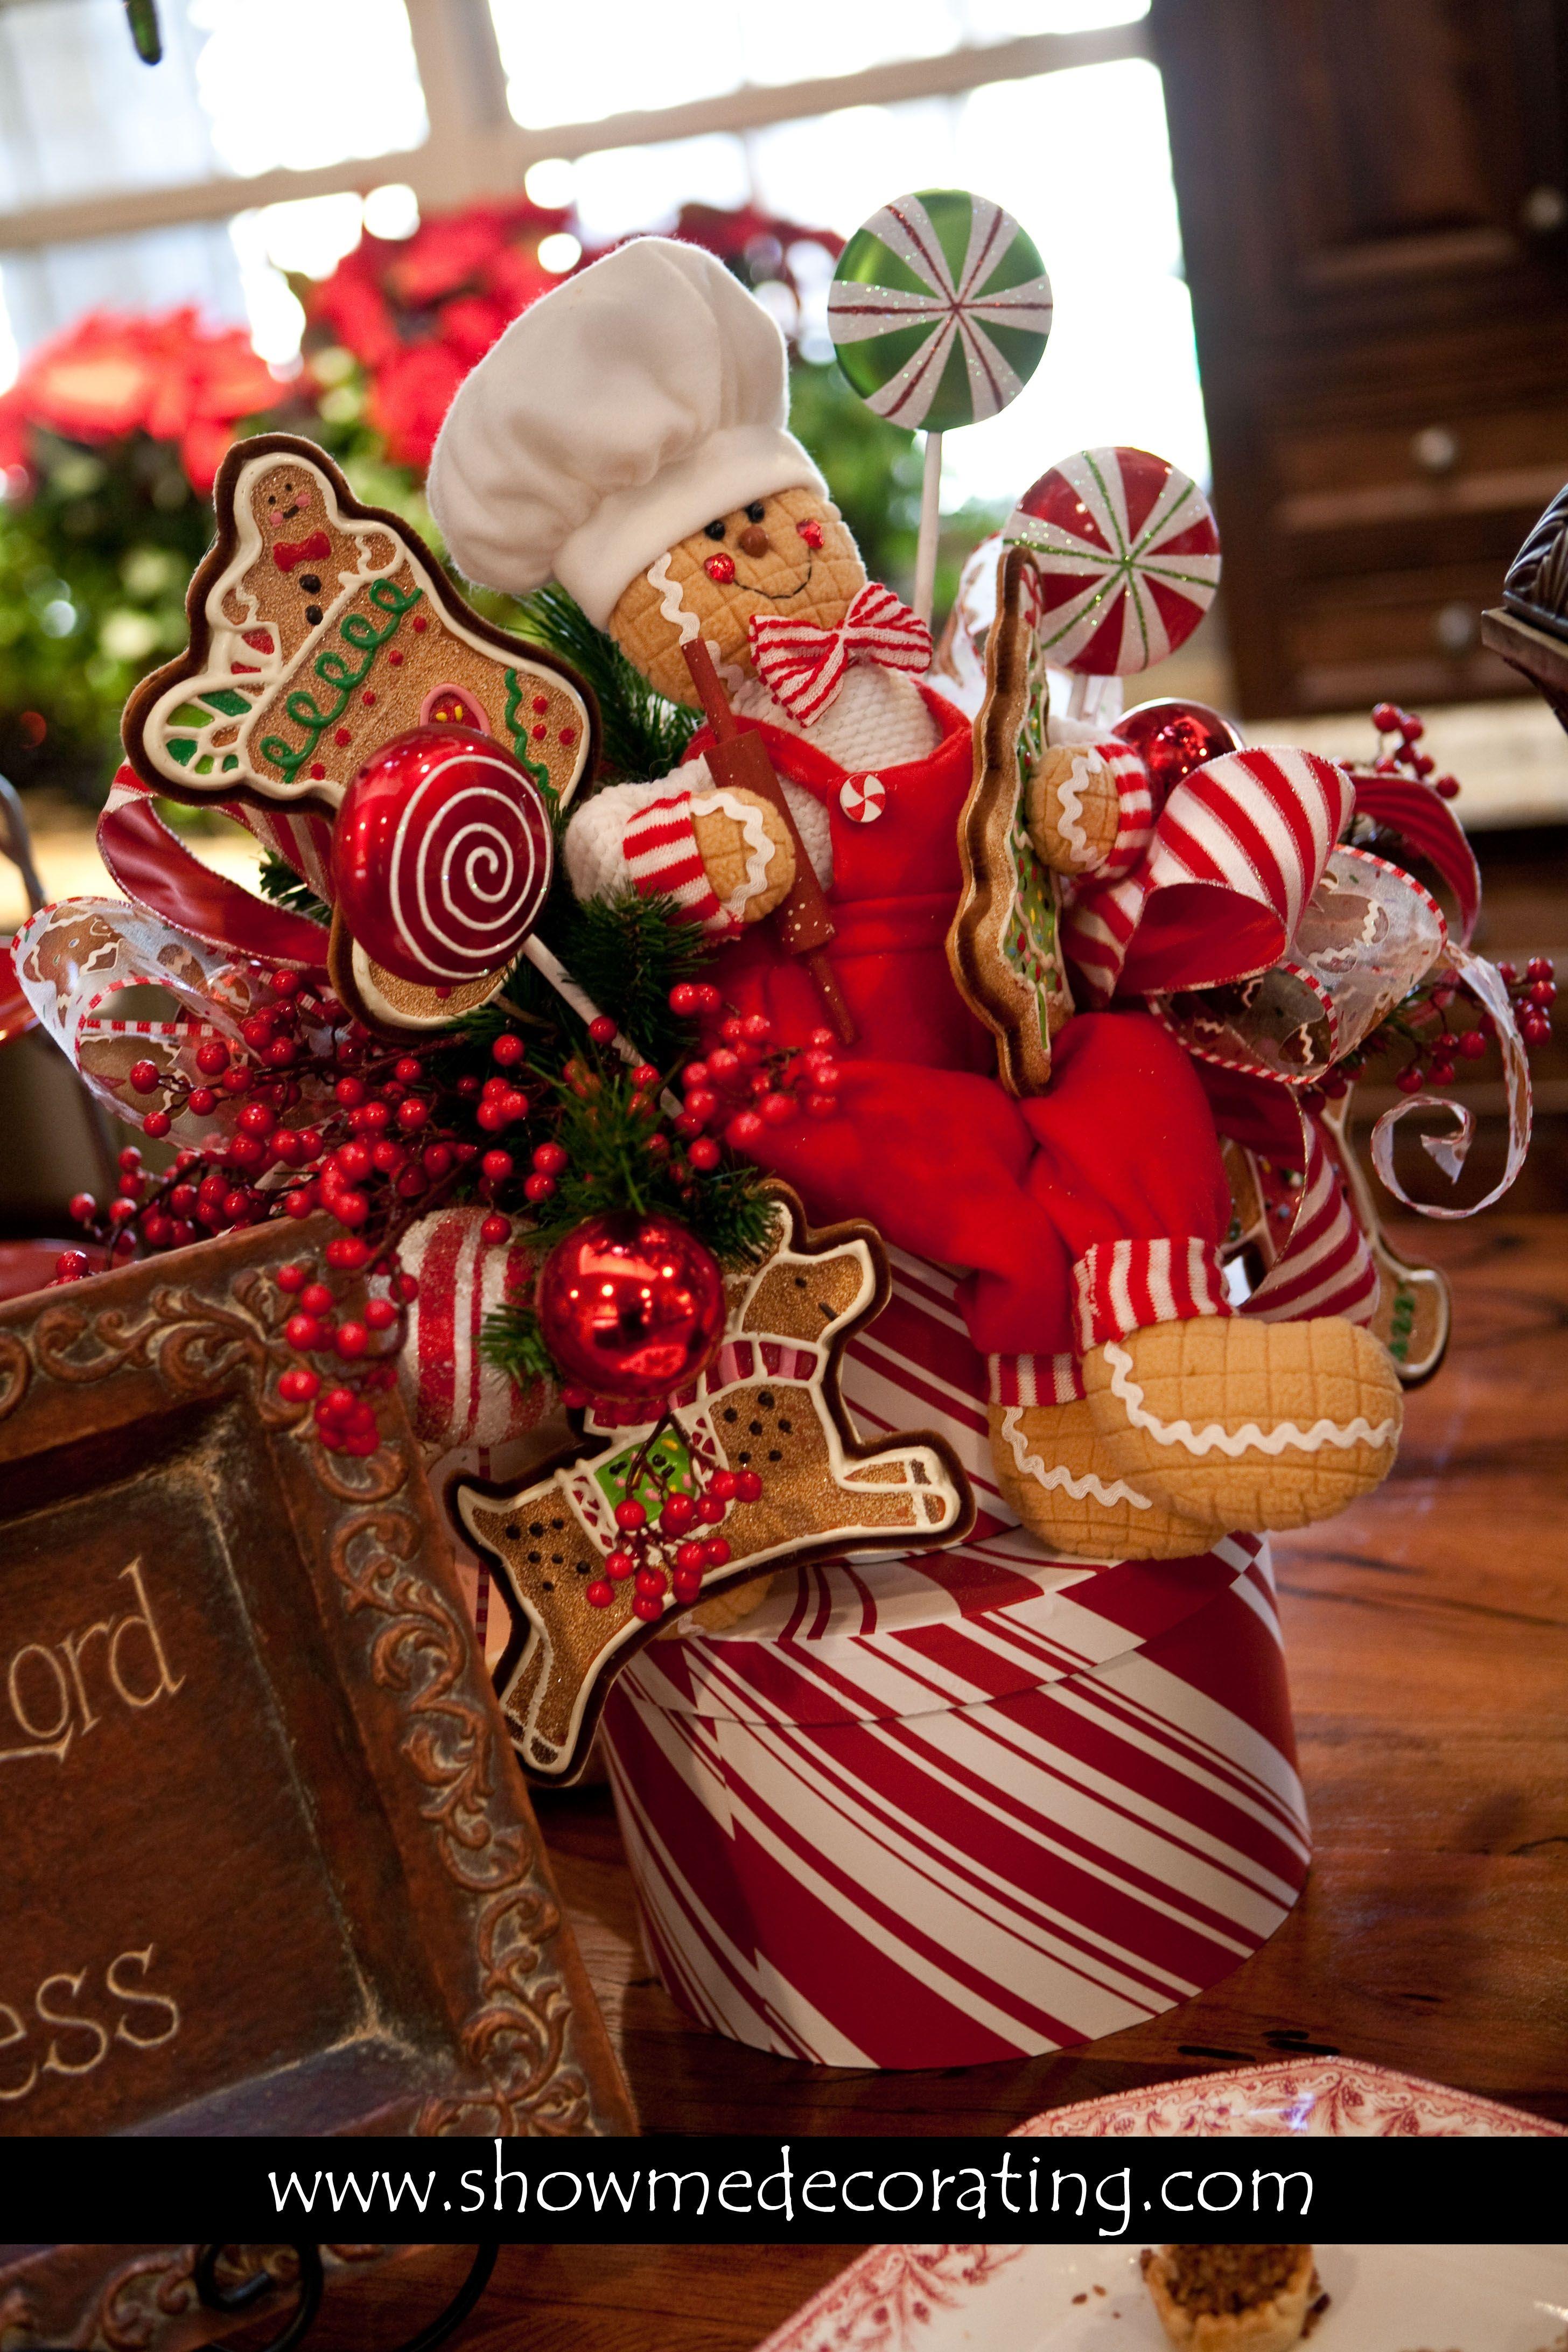 Gingerbread Man Centerpiece Christmas Gingerbread Christmas Centerpieces Gingerbread Decorations